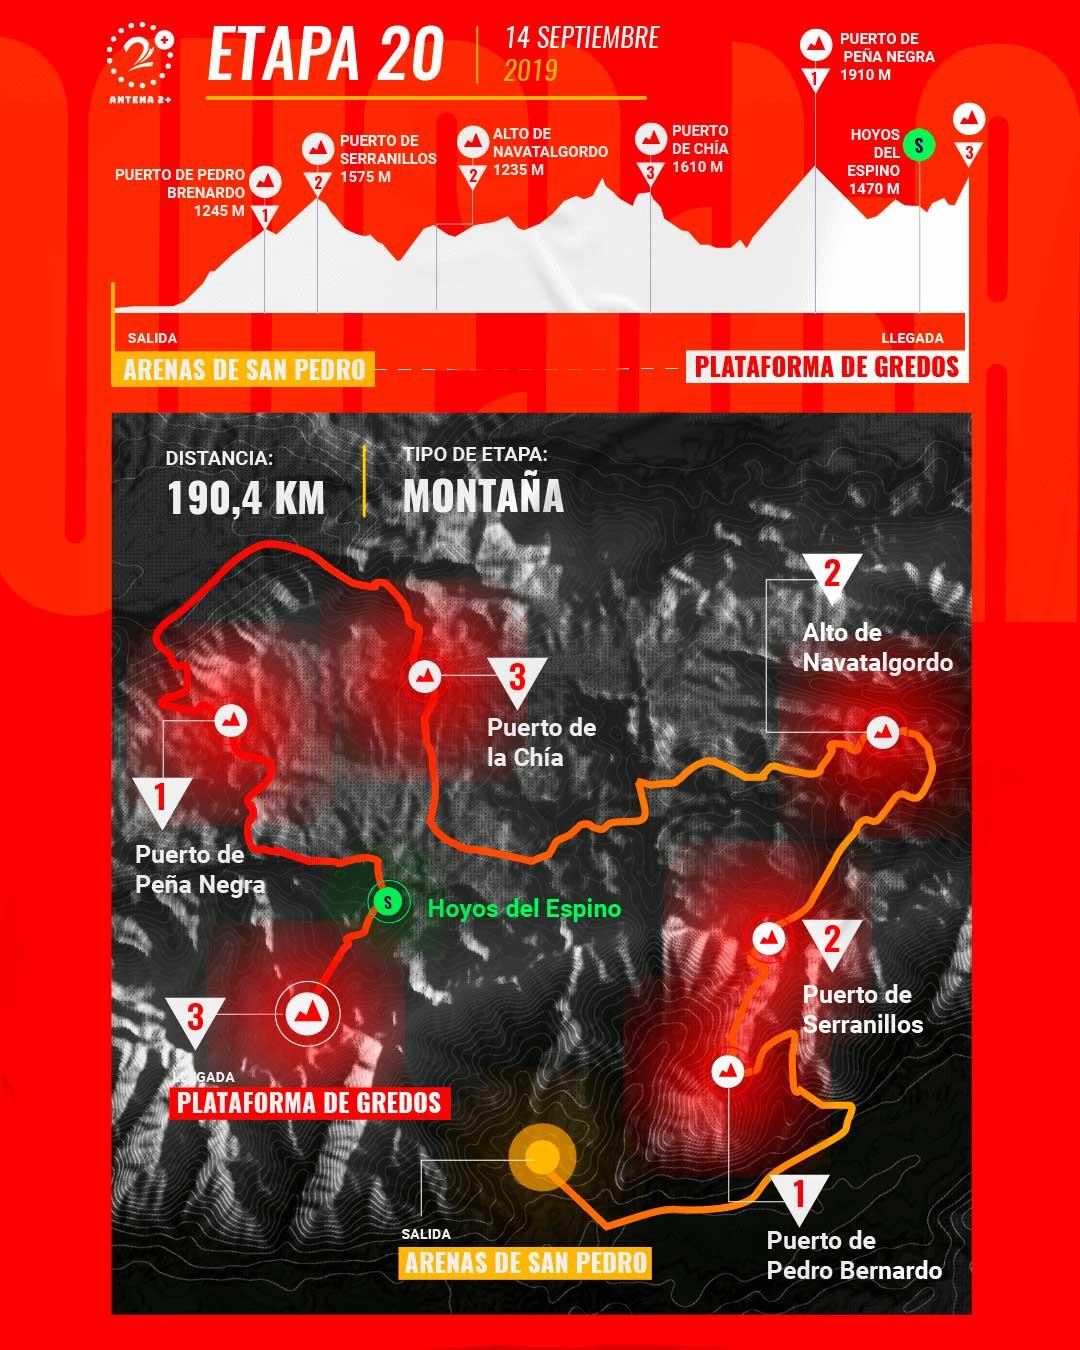 Etapa 20, Vuelta a España 2019